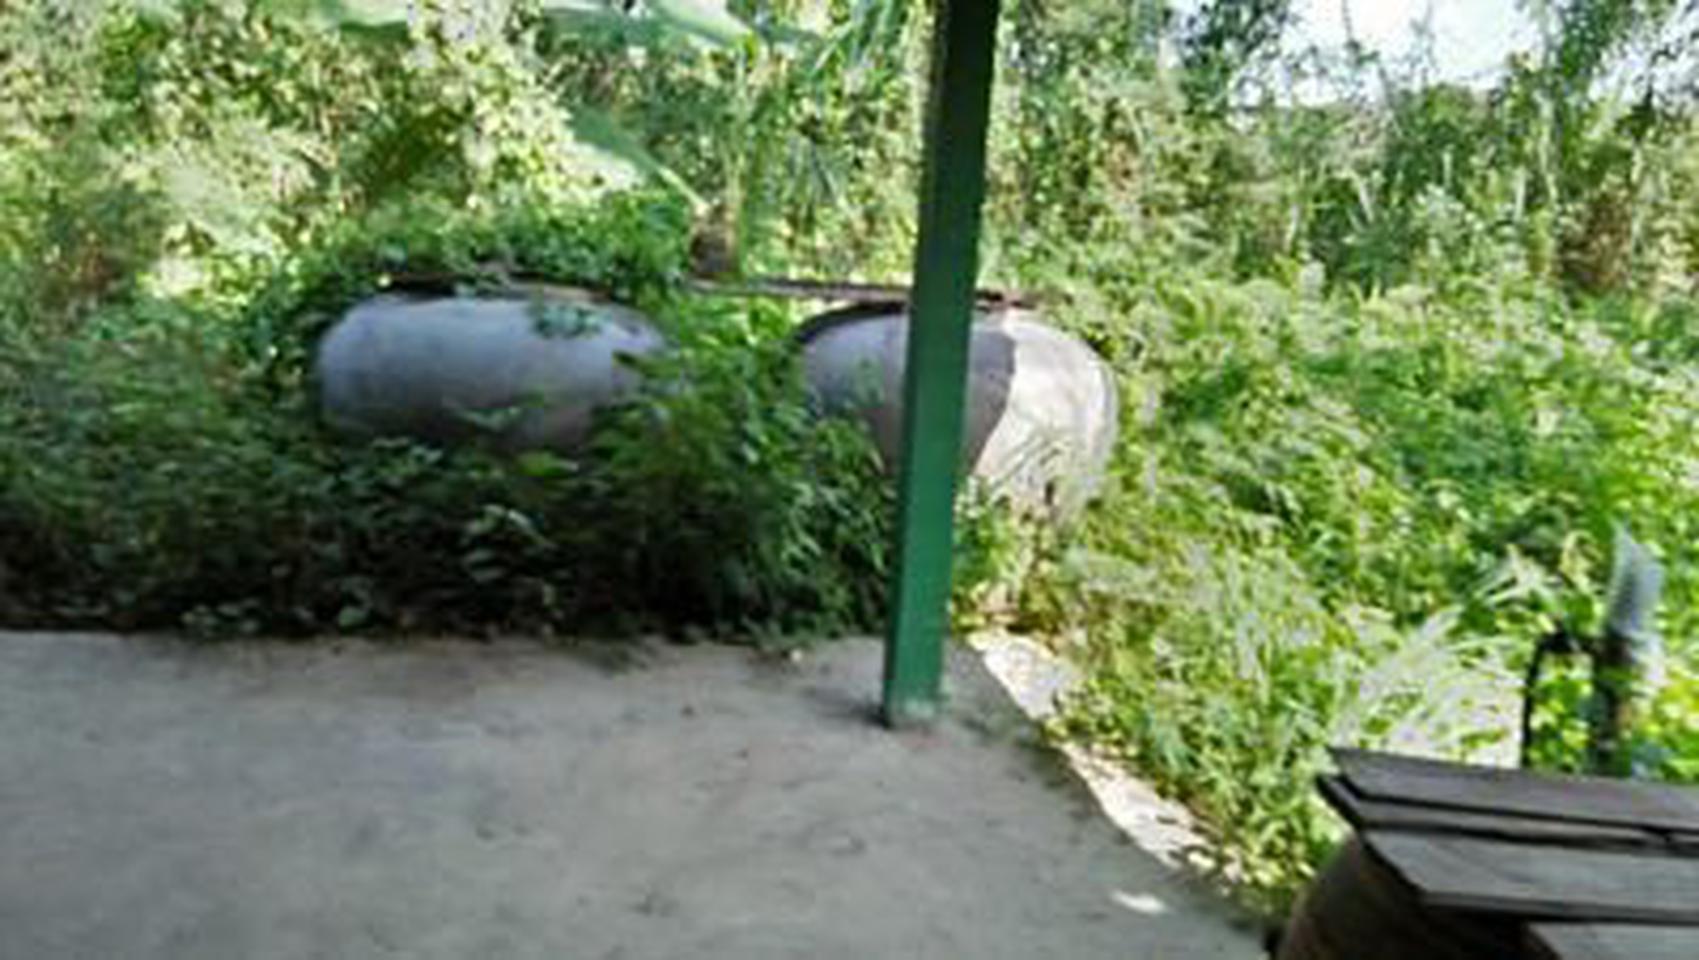 ที่ดินสวนป่าธรรมชาติติดลำคลอง ร่มรื่น บรรยากาศชานเมือง โฉนด  รูปที่ 4